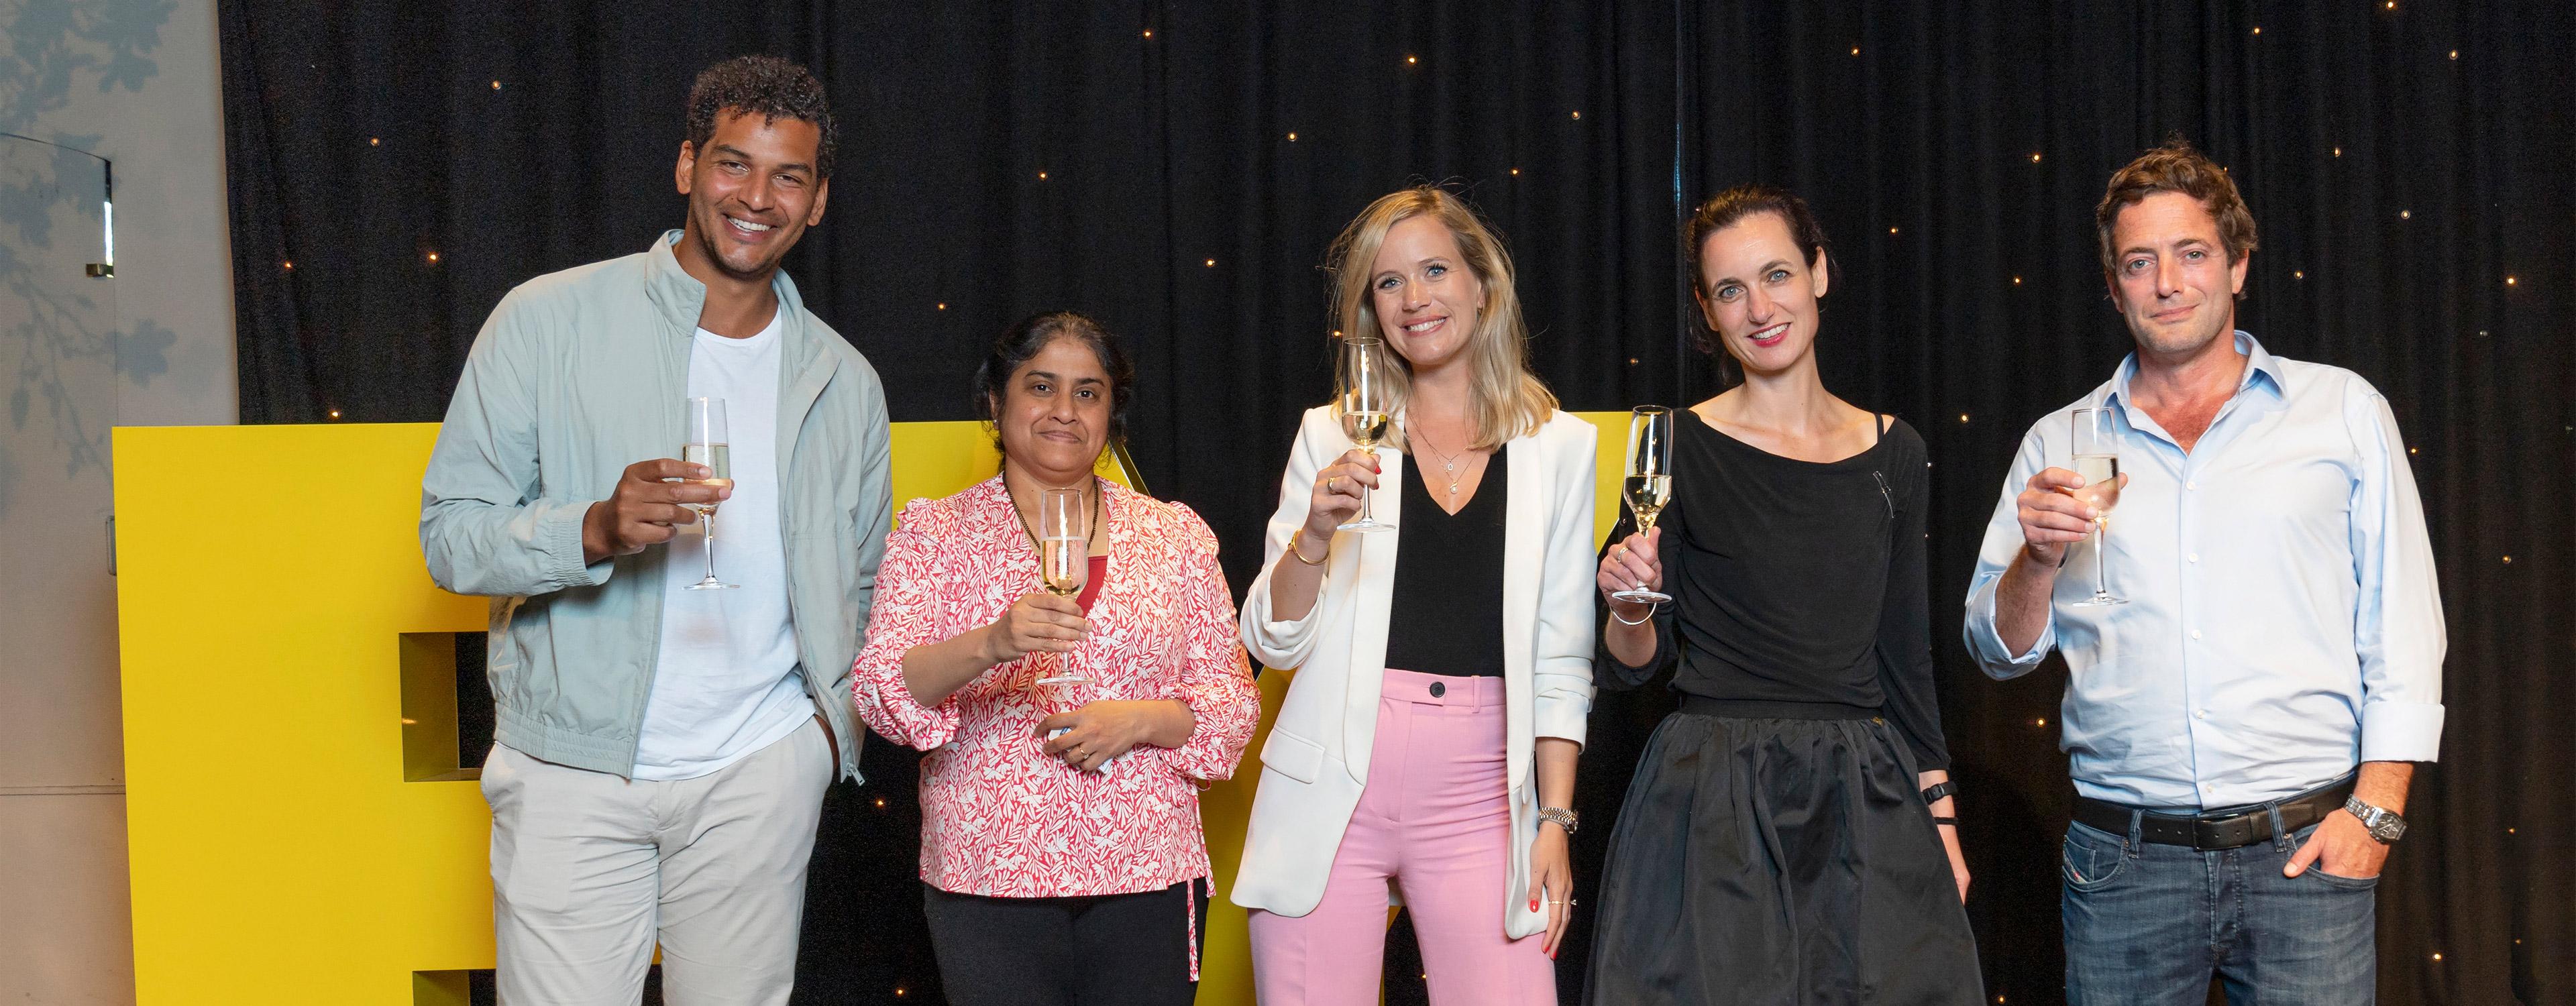 EOY 21 - Finalisten in de categorie EY Emerging Entrepreneur Of The Year 2021